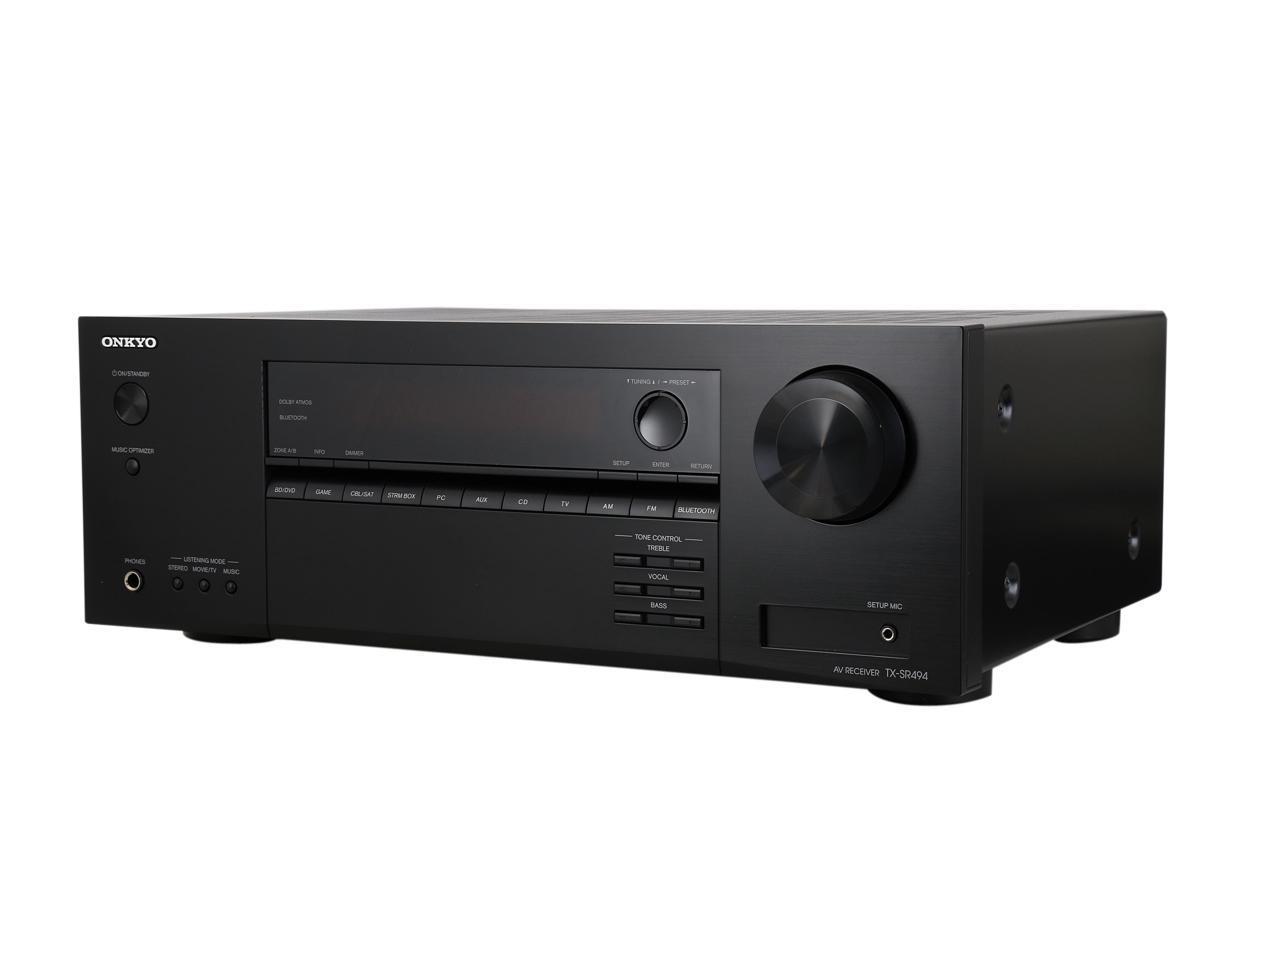 Onkyo TX-SR494 7.2-Channel A/V Receiver $204 after promo code 72HRJAN6